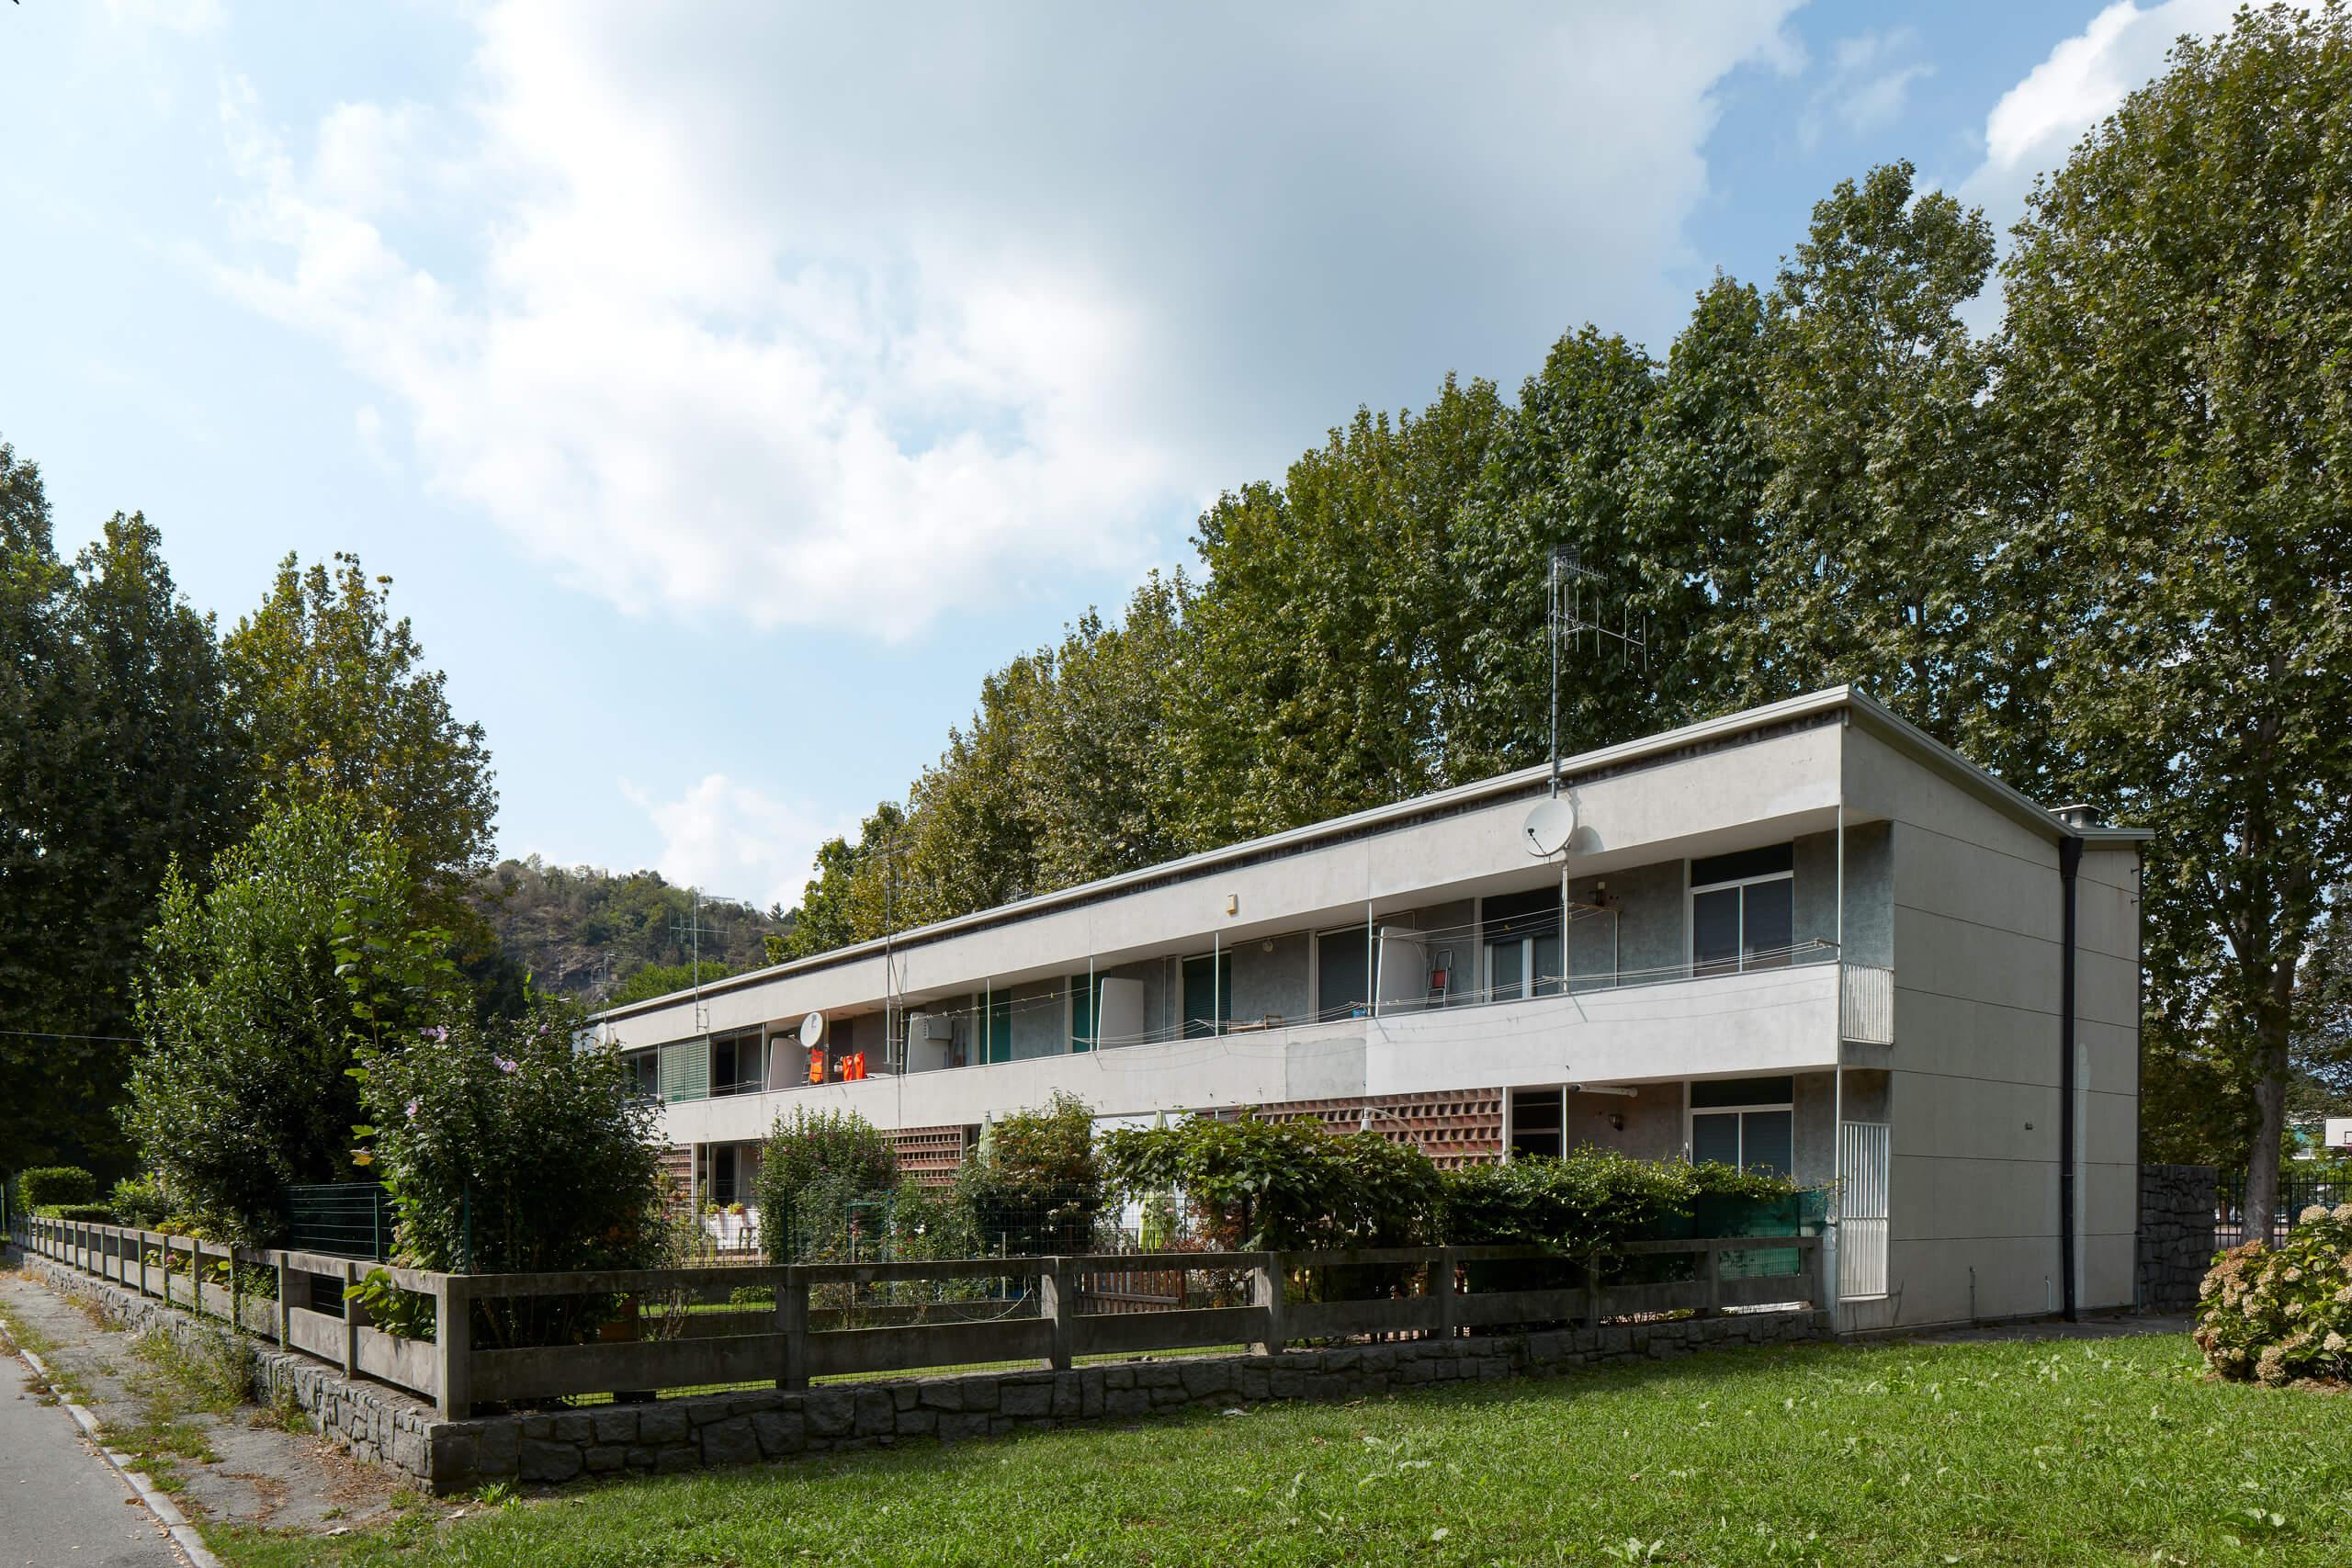 Canton Vesco – Annibale Fiocchi – Marcello Nizzoli (1943-1967) – Ivrea – Italy